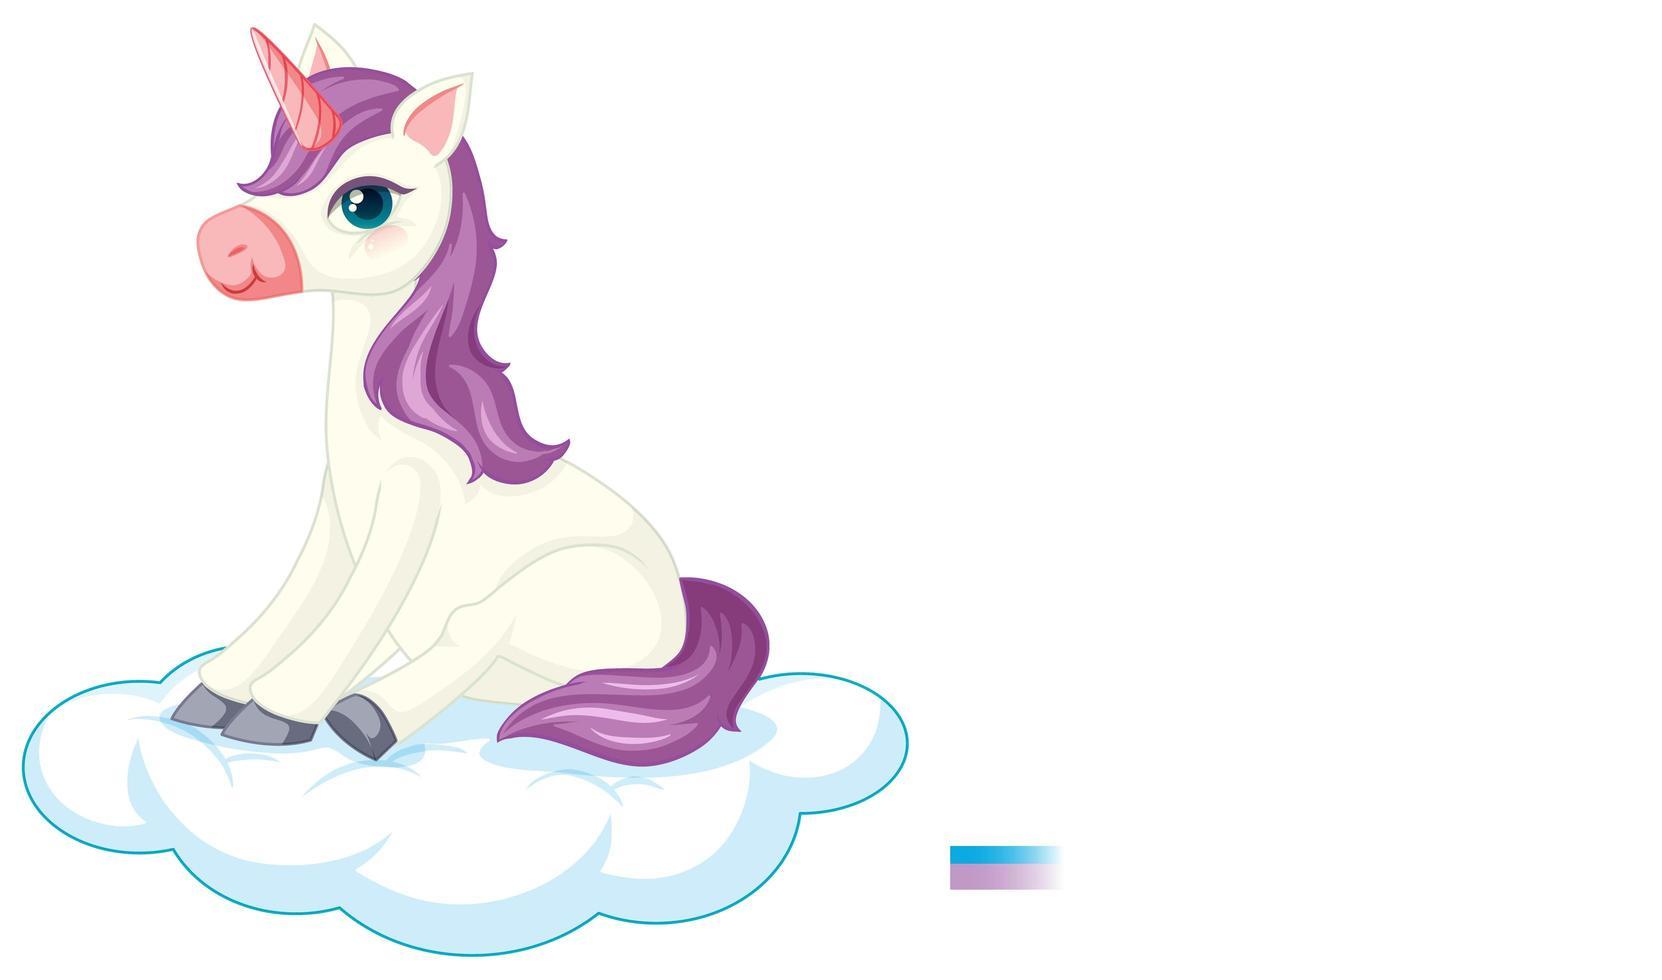 Lindo unicornio púrpura en posición sentada sobre fondo blanco. vector